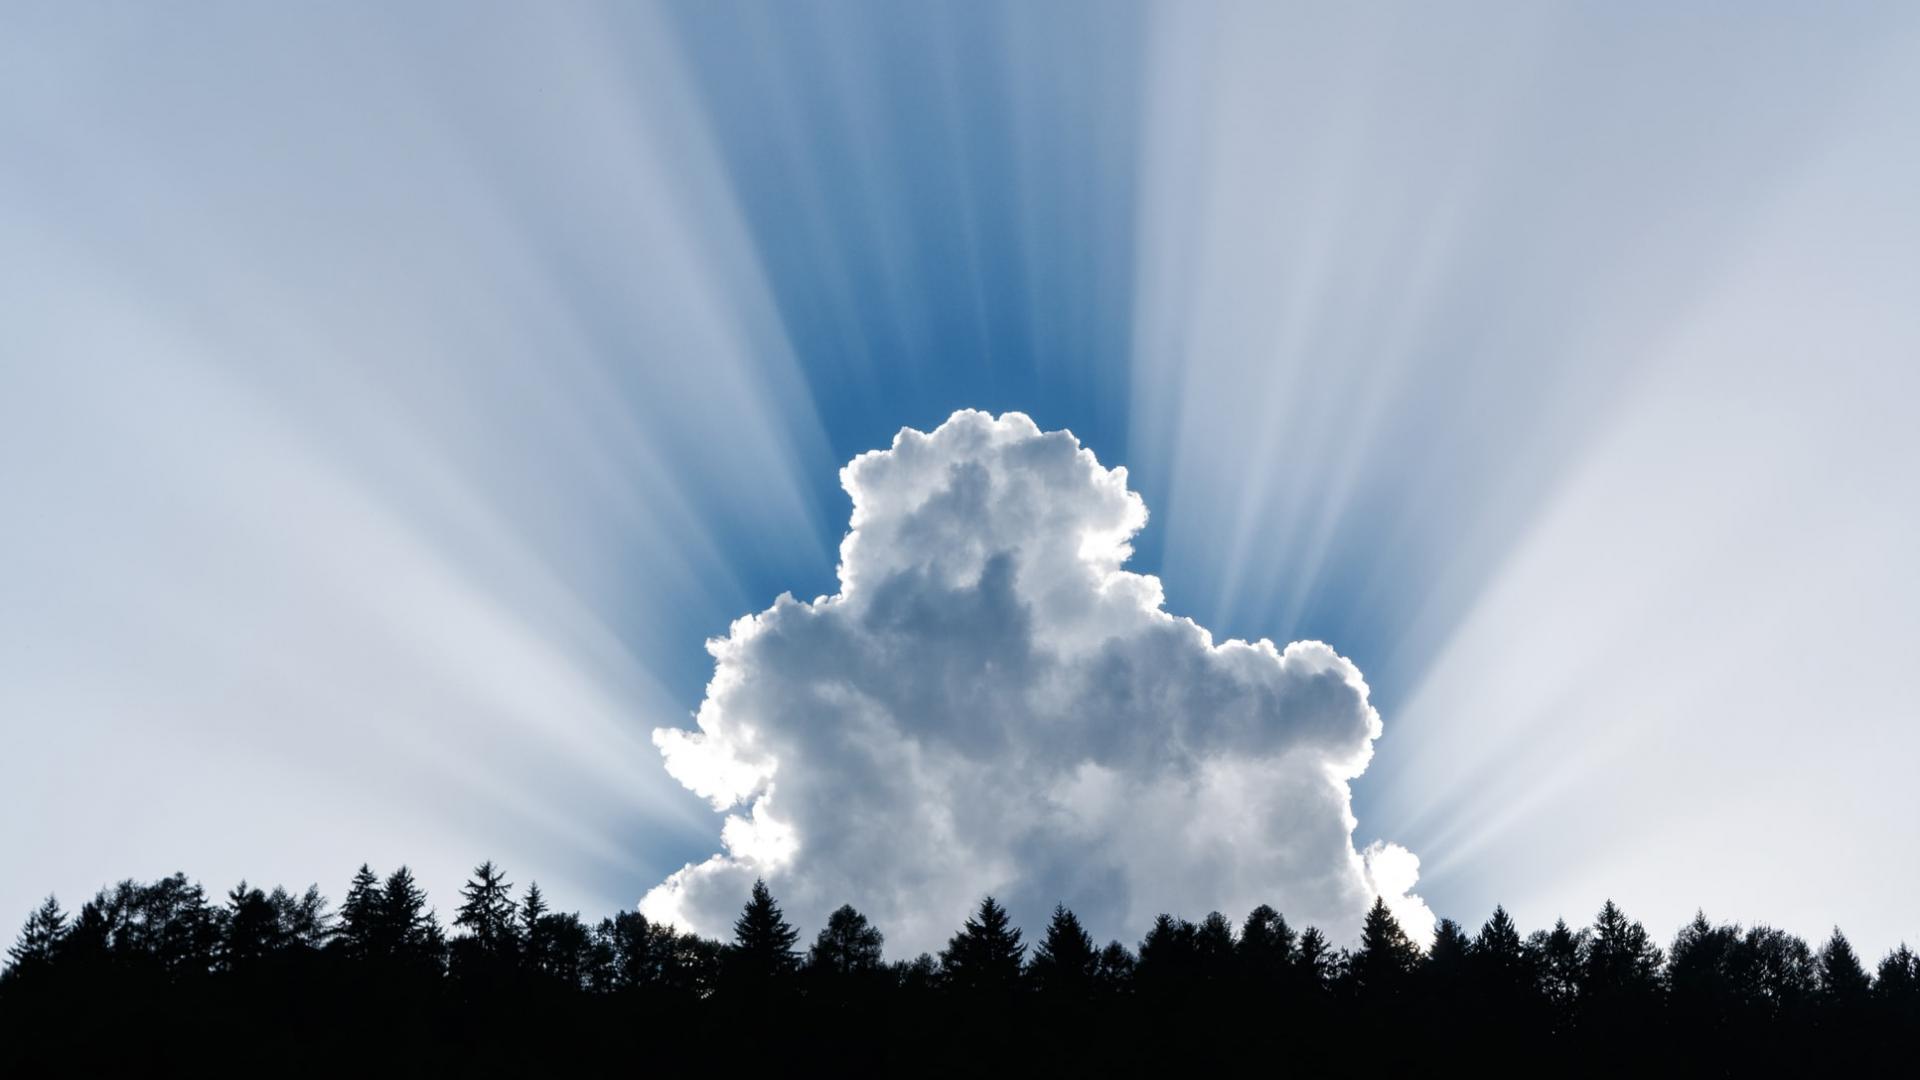 Wolken und Sonnenschein über Tannenwald